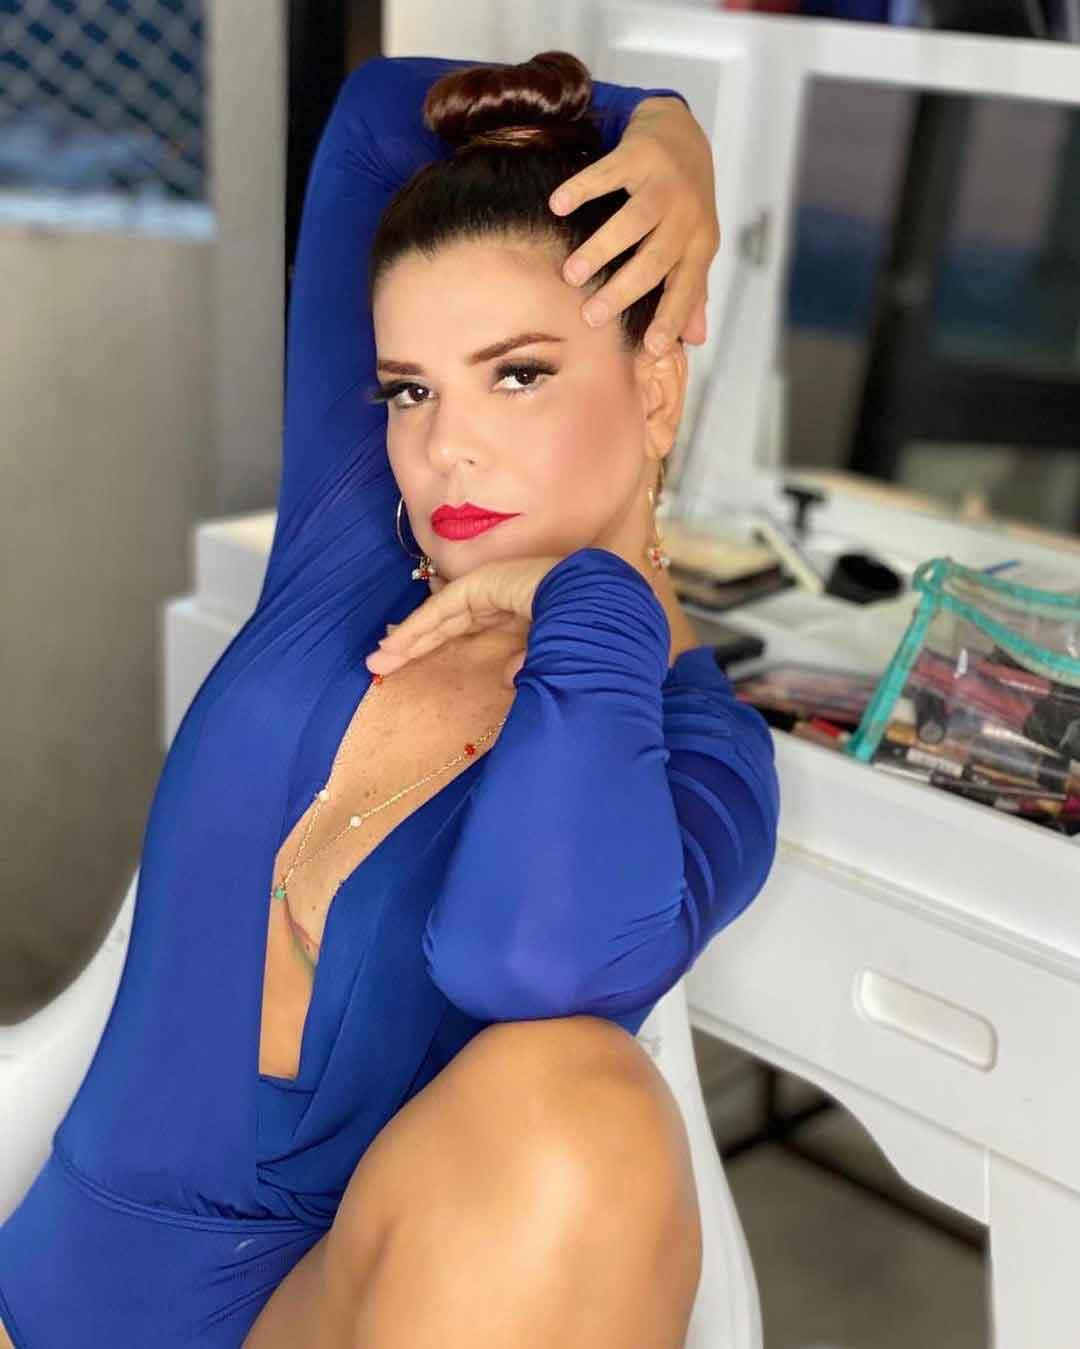 Mara Maravilha posa só de body sem sutiã e esbanja beleza . Foto: Reprodução Instagram